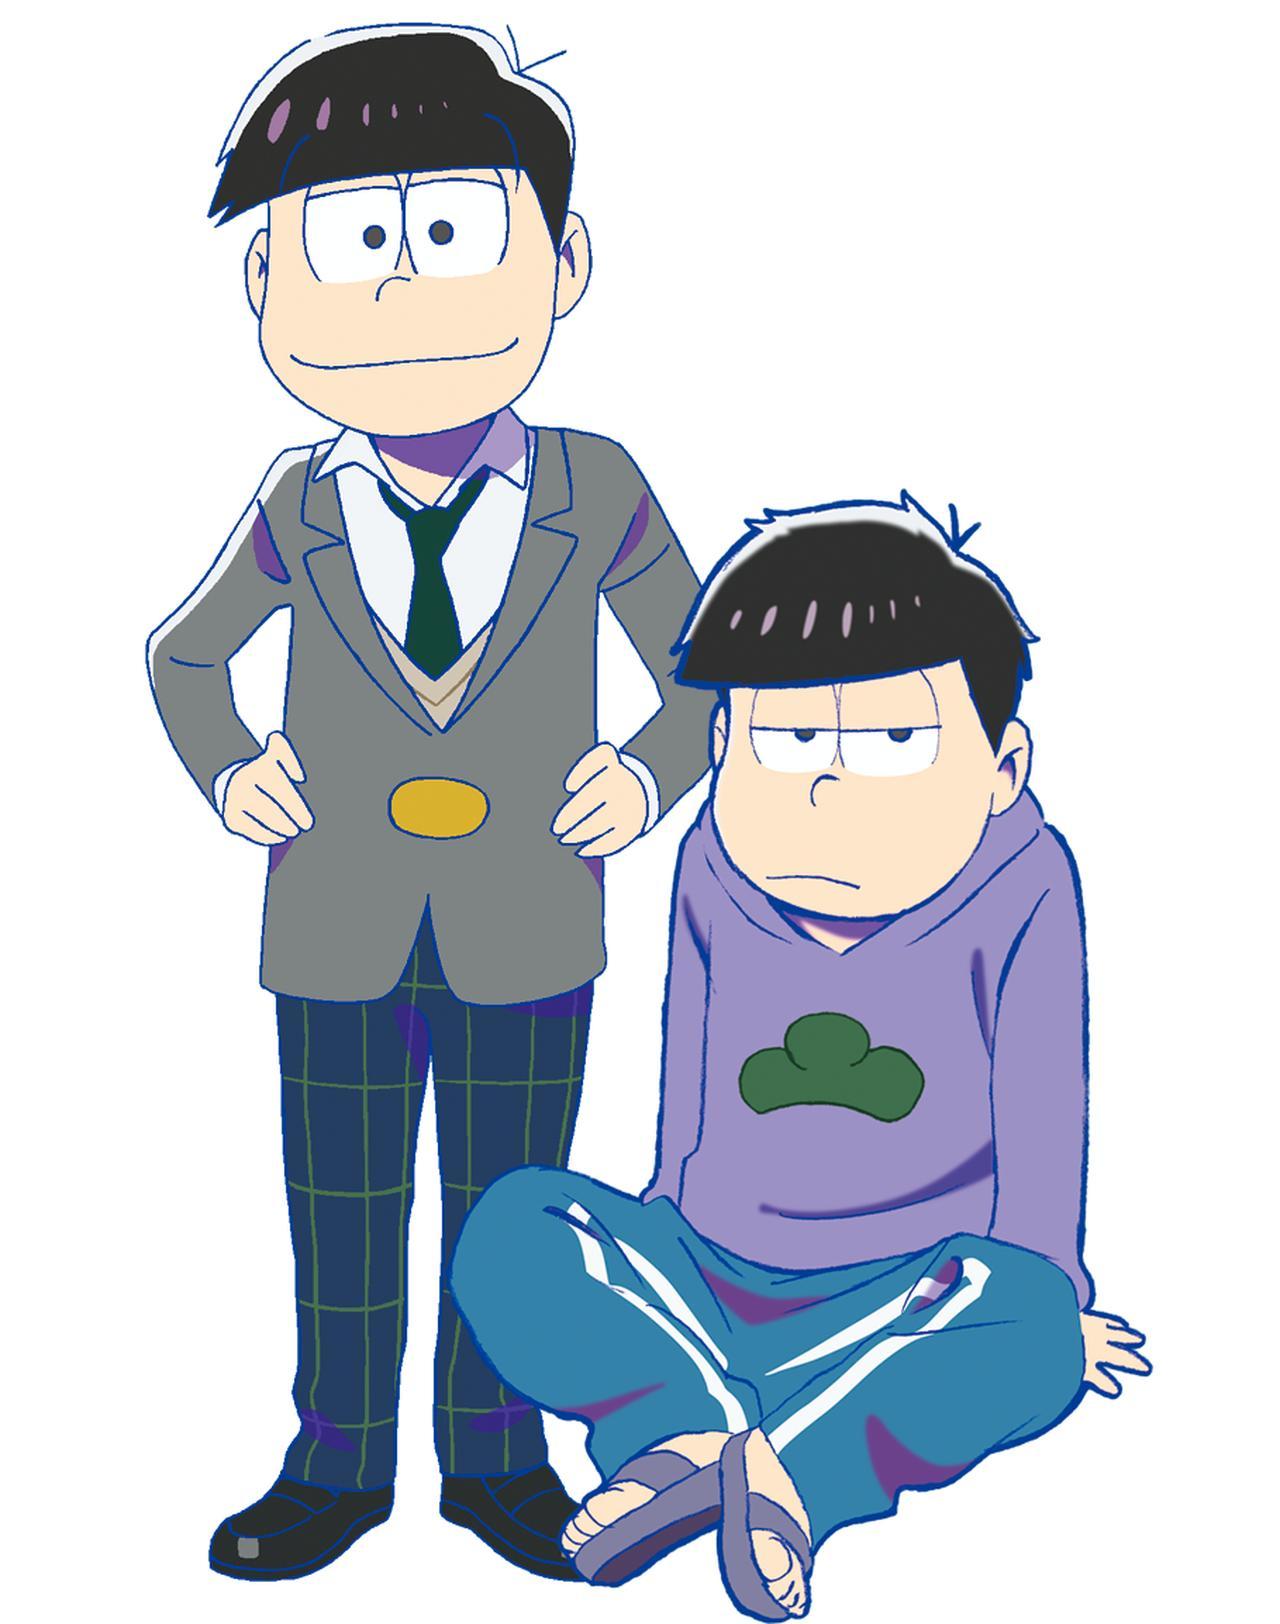 画像8: 3/15公開「えいがのおそ松さん」6つ子が劇場版になって帰ってくる!